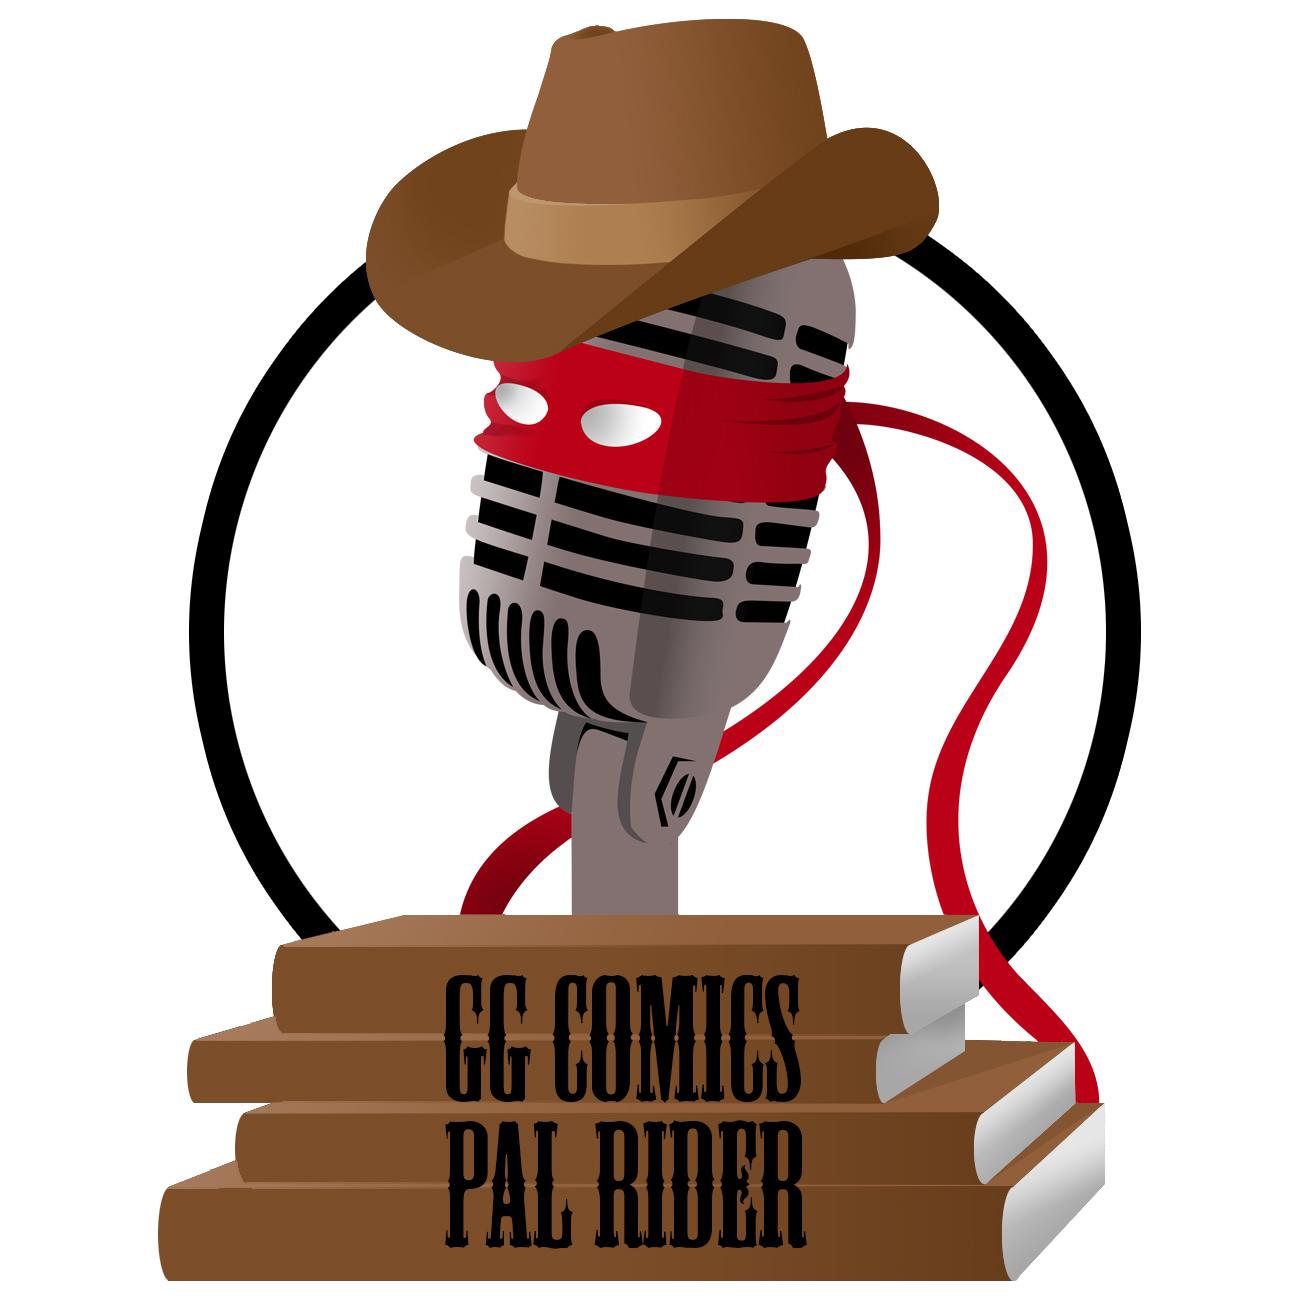 Les GG comics - PAL Rider #003